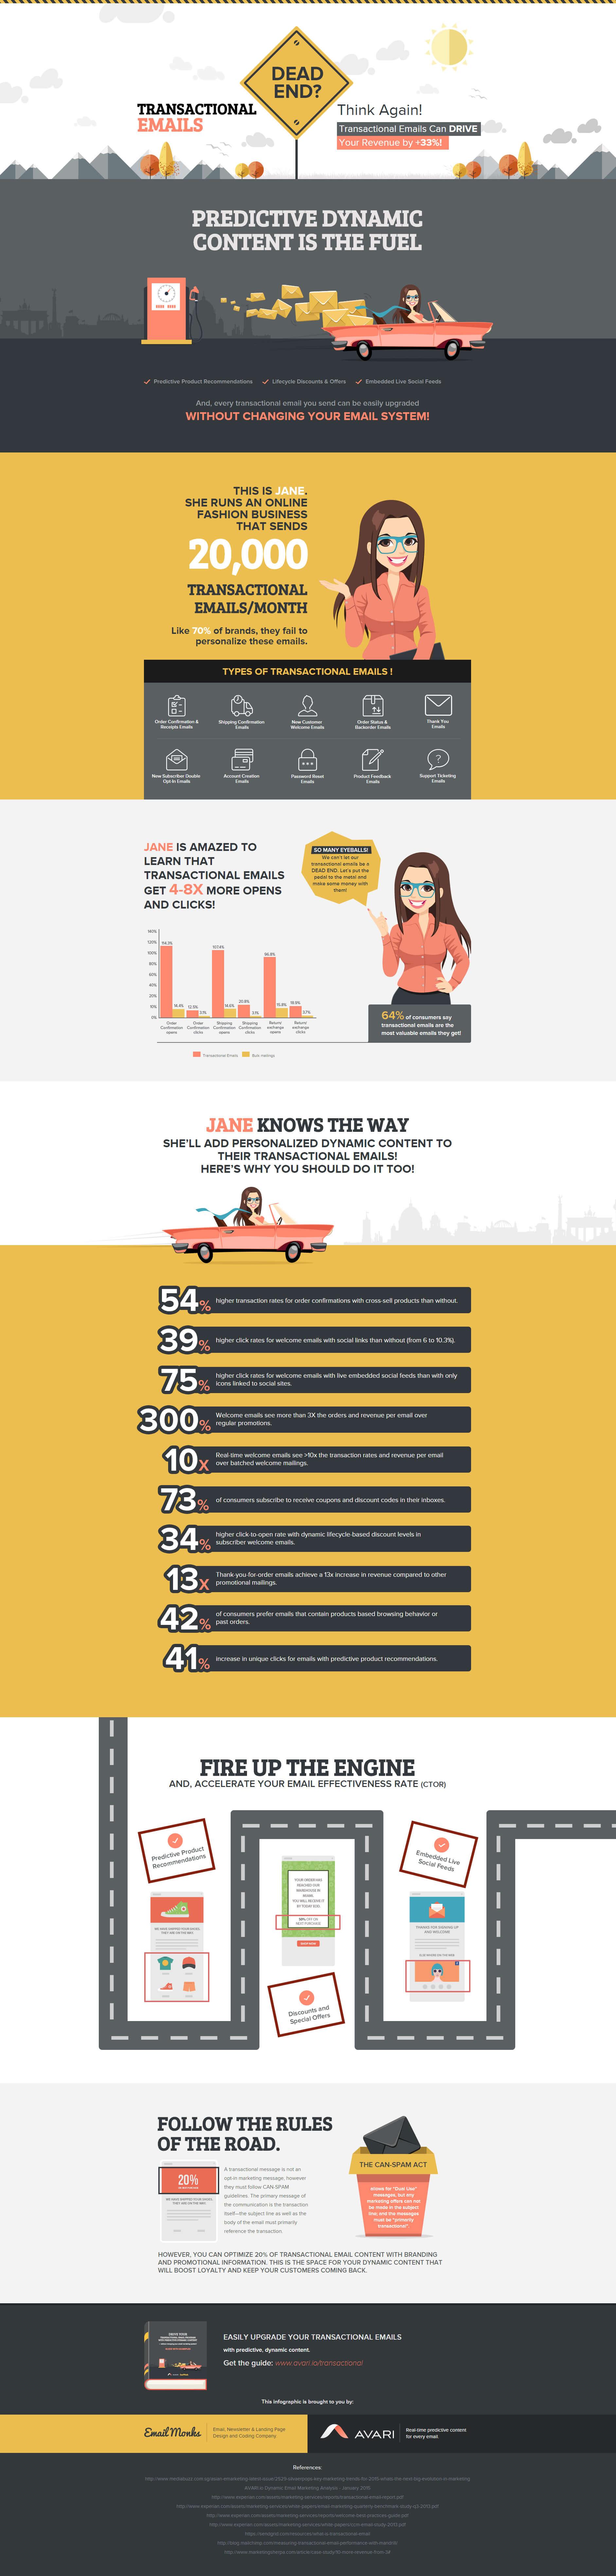 transactional-email-infographic FULL JPG